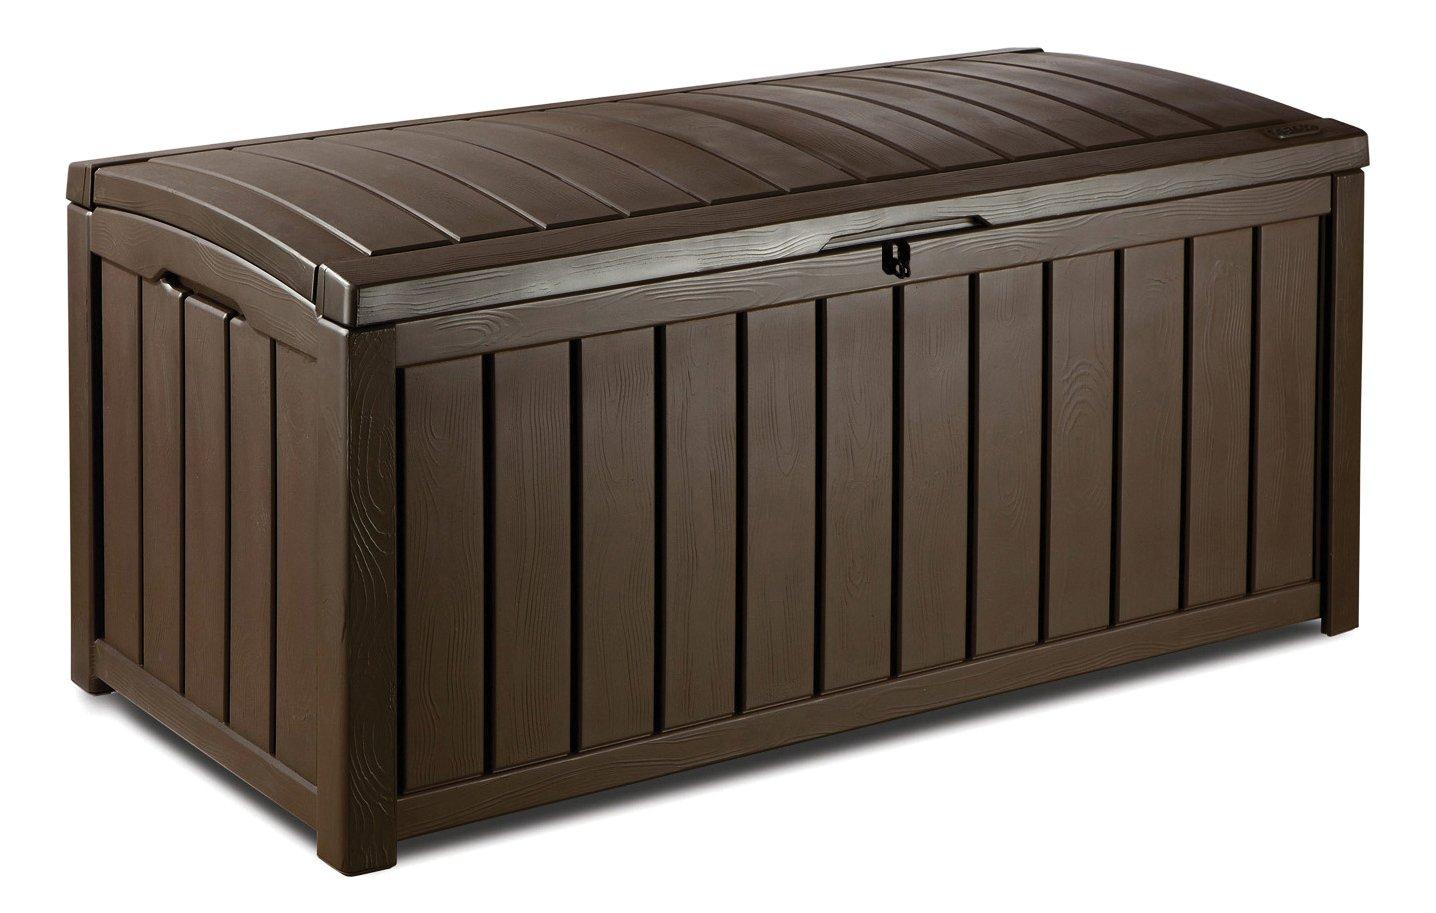 Keter - Arcón exterior Glenwood. Capacidad 390 litros. Color marrón 17193522 506019859878